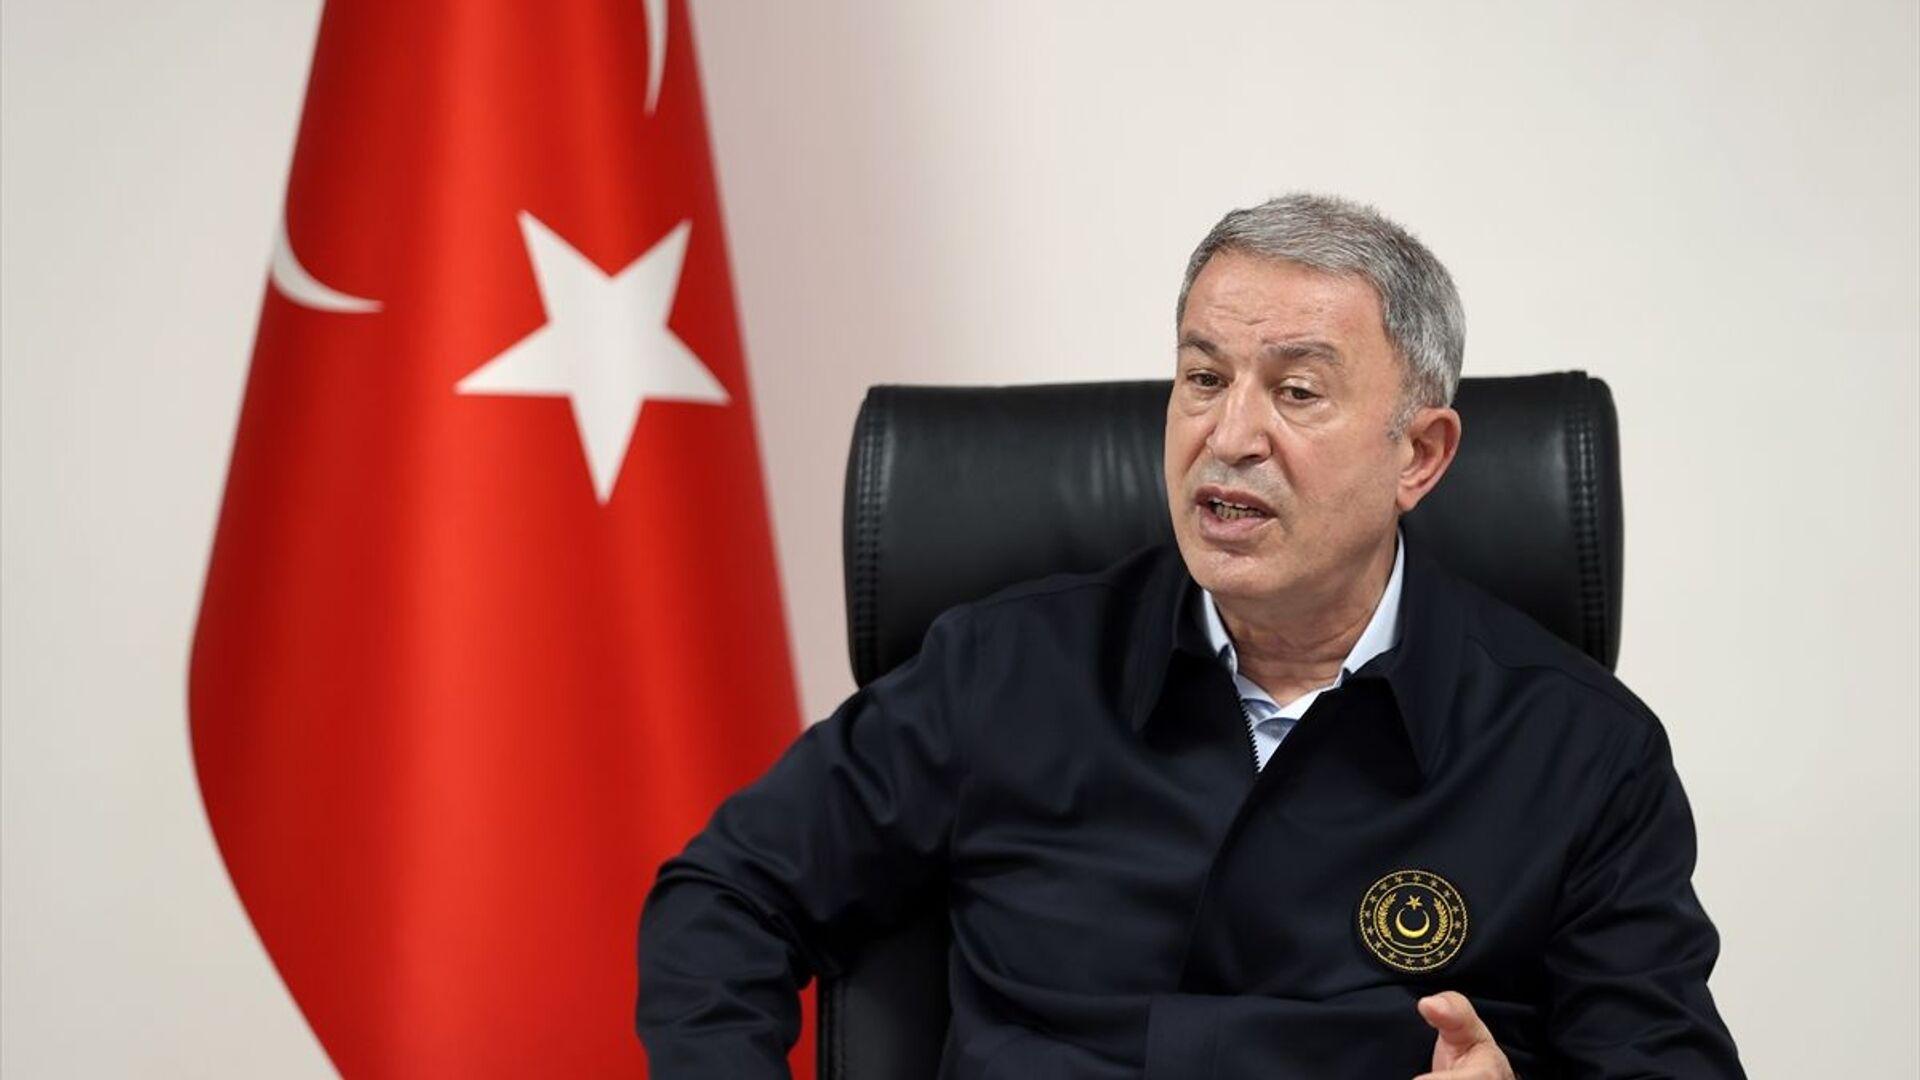 Milli Savunma Bakanı Hulusi Akar - Sputnik Türkiye, 1920, 12.05.2021